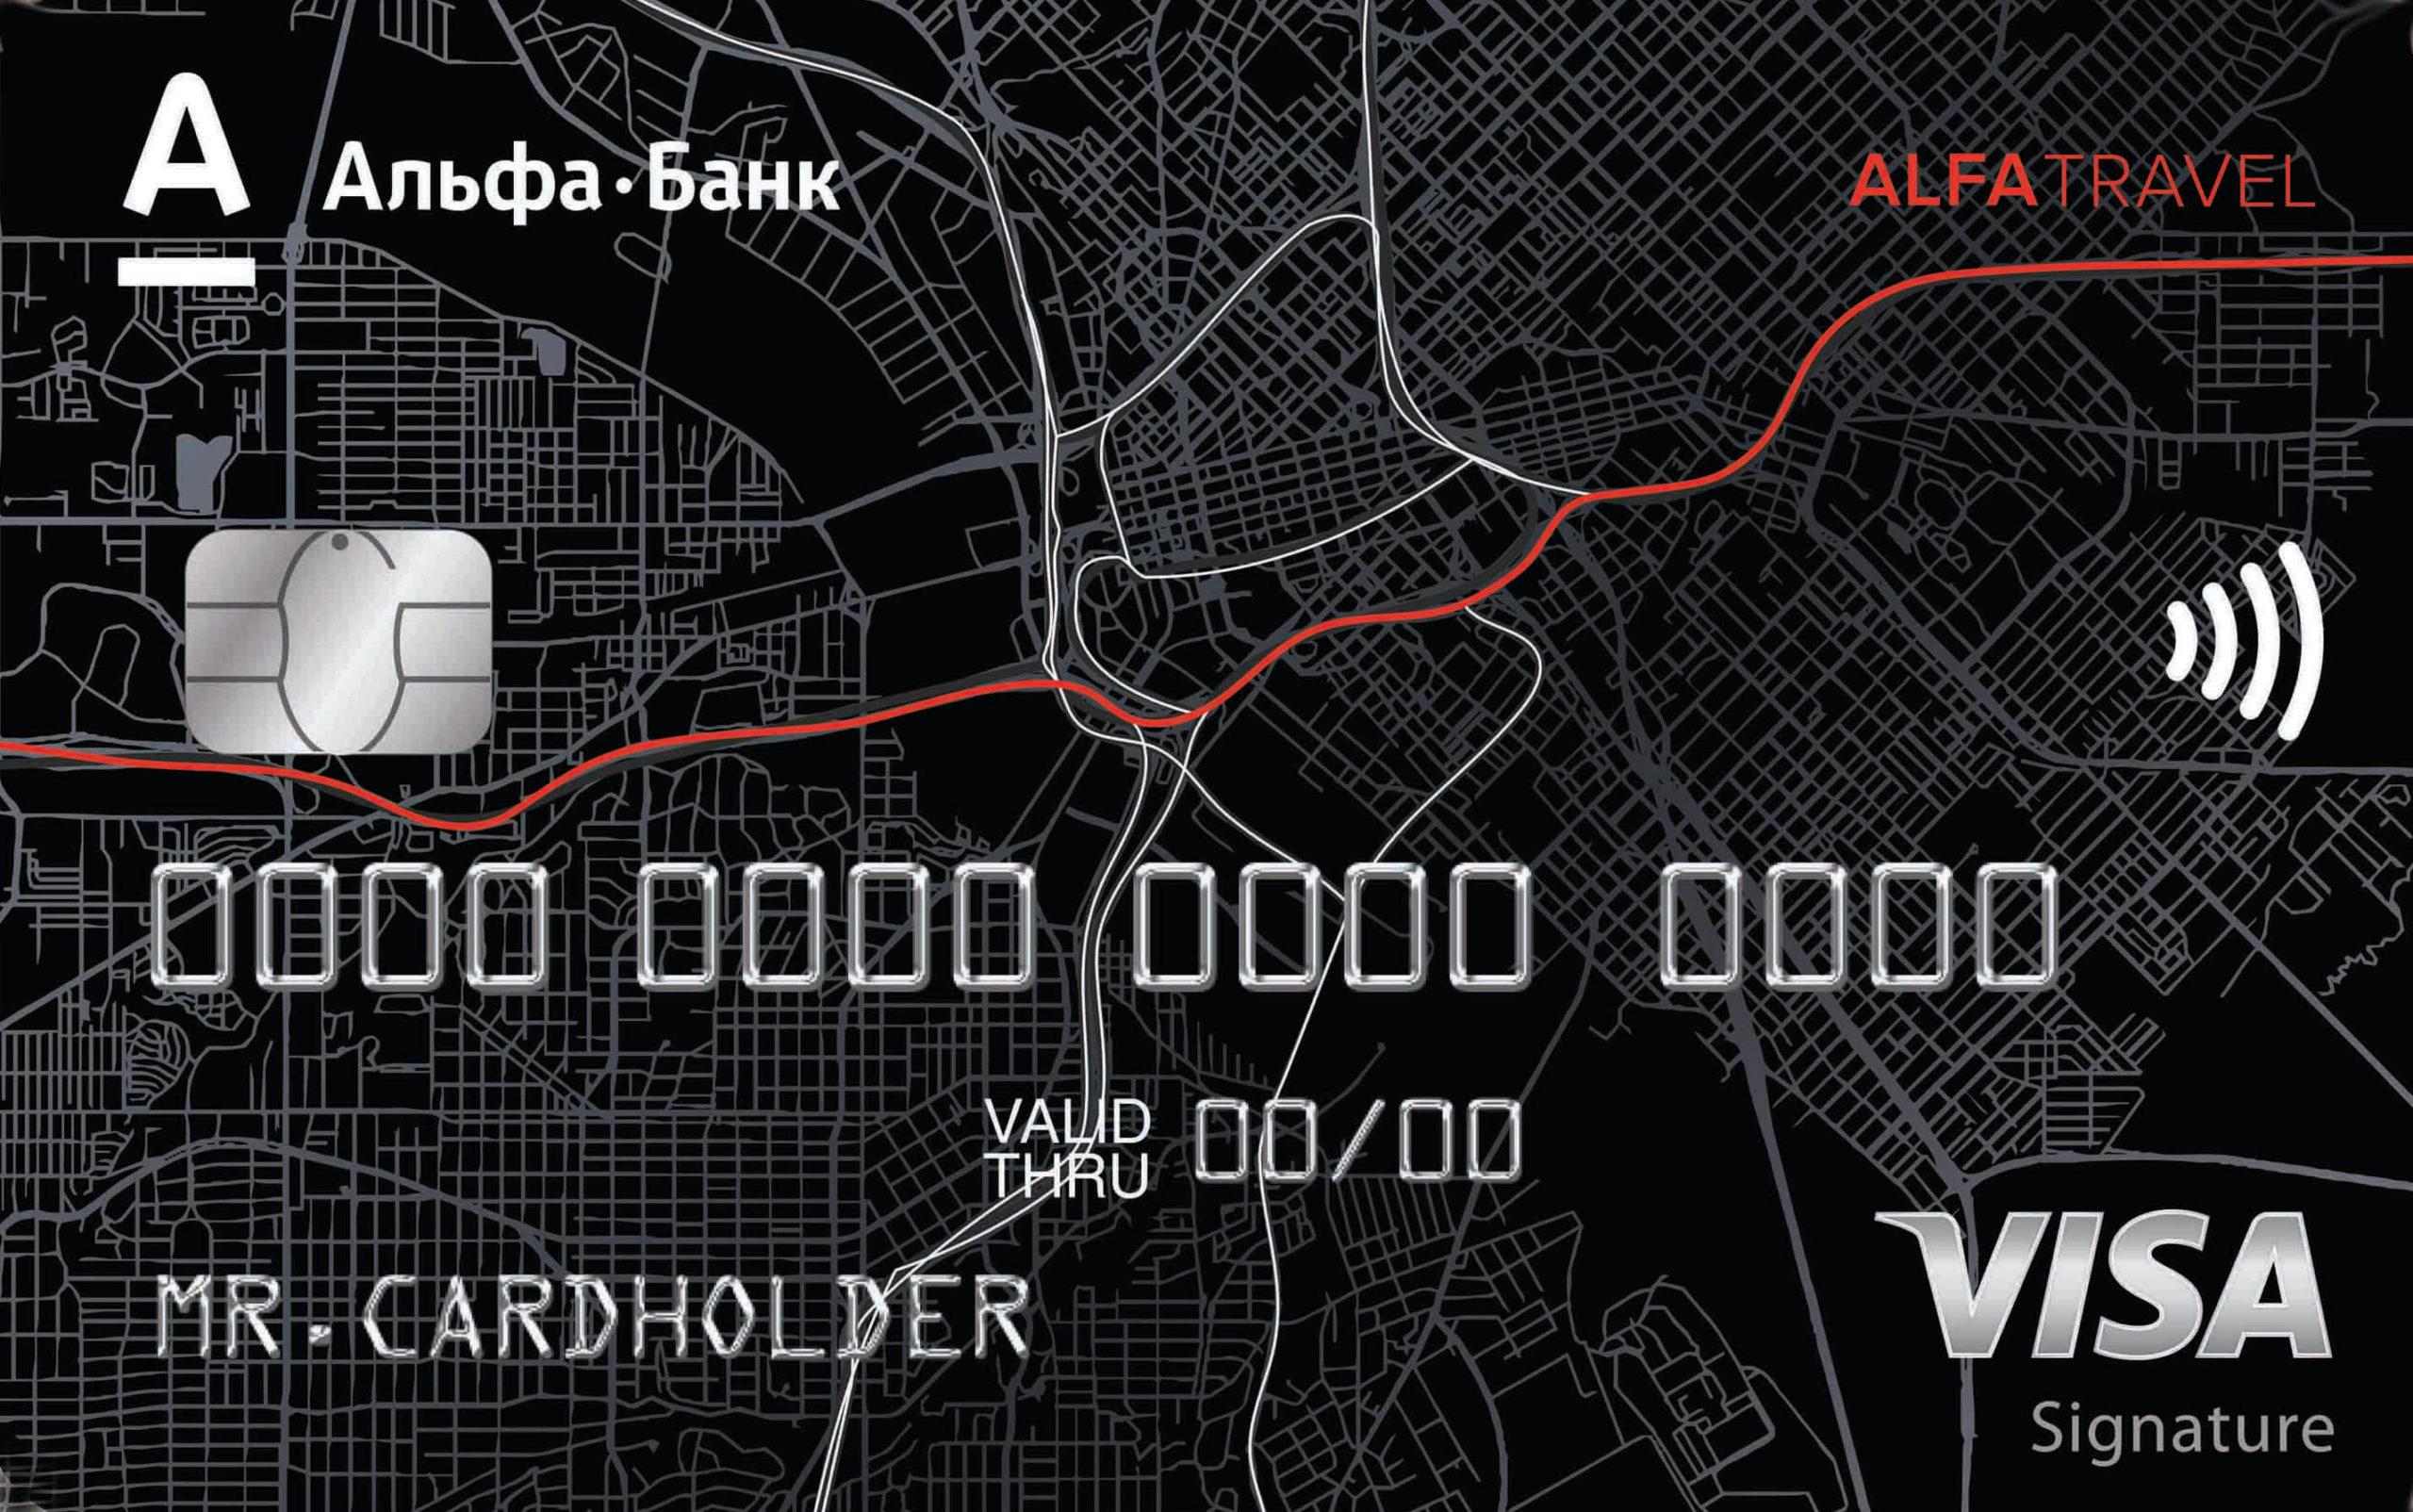 Дебетовая карта Alfa Travel от Альфа-банка